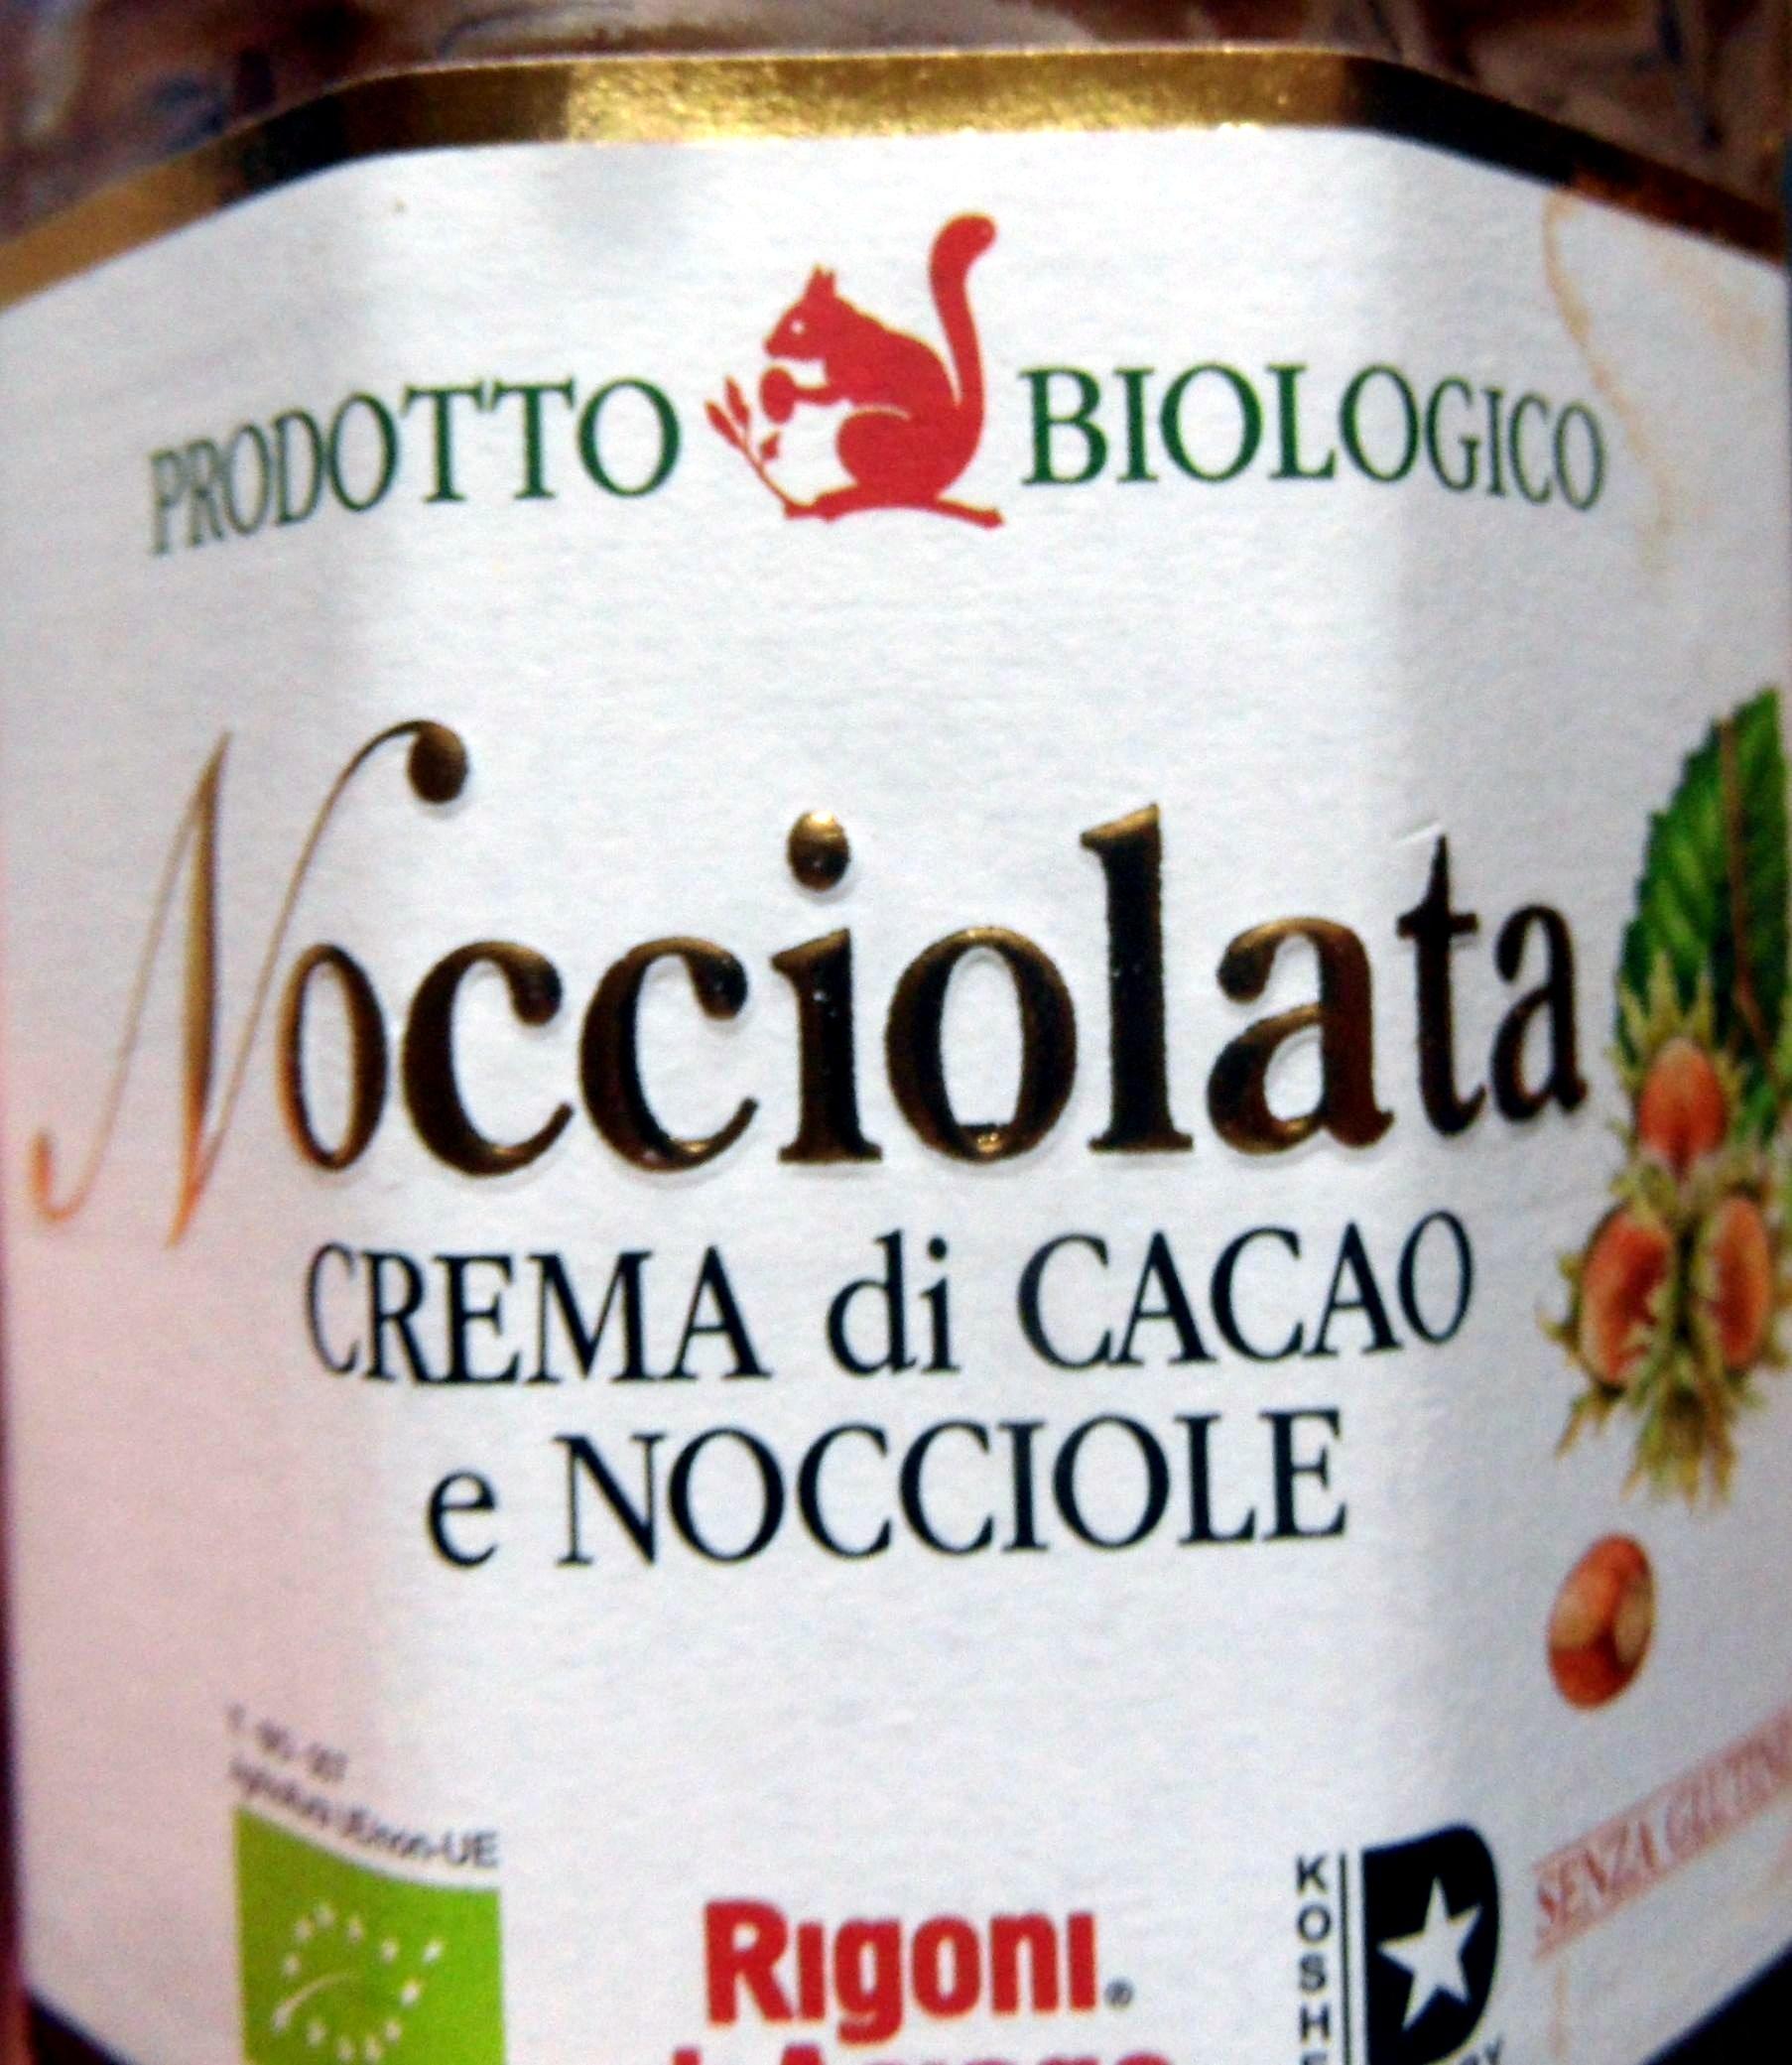 Rigoni Nocciolata crema di cacao e nocciole Prodotto biologico - Product - it